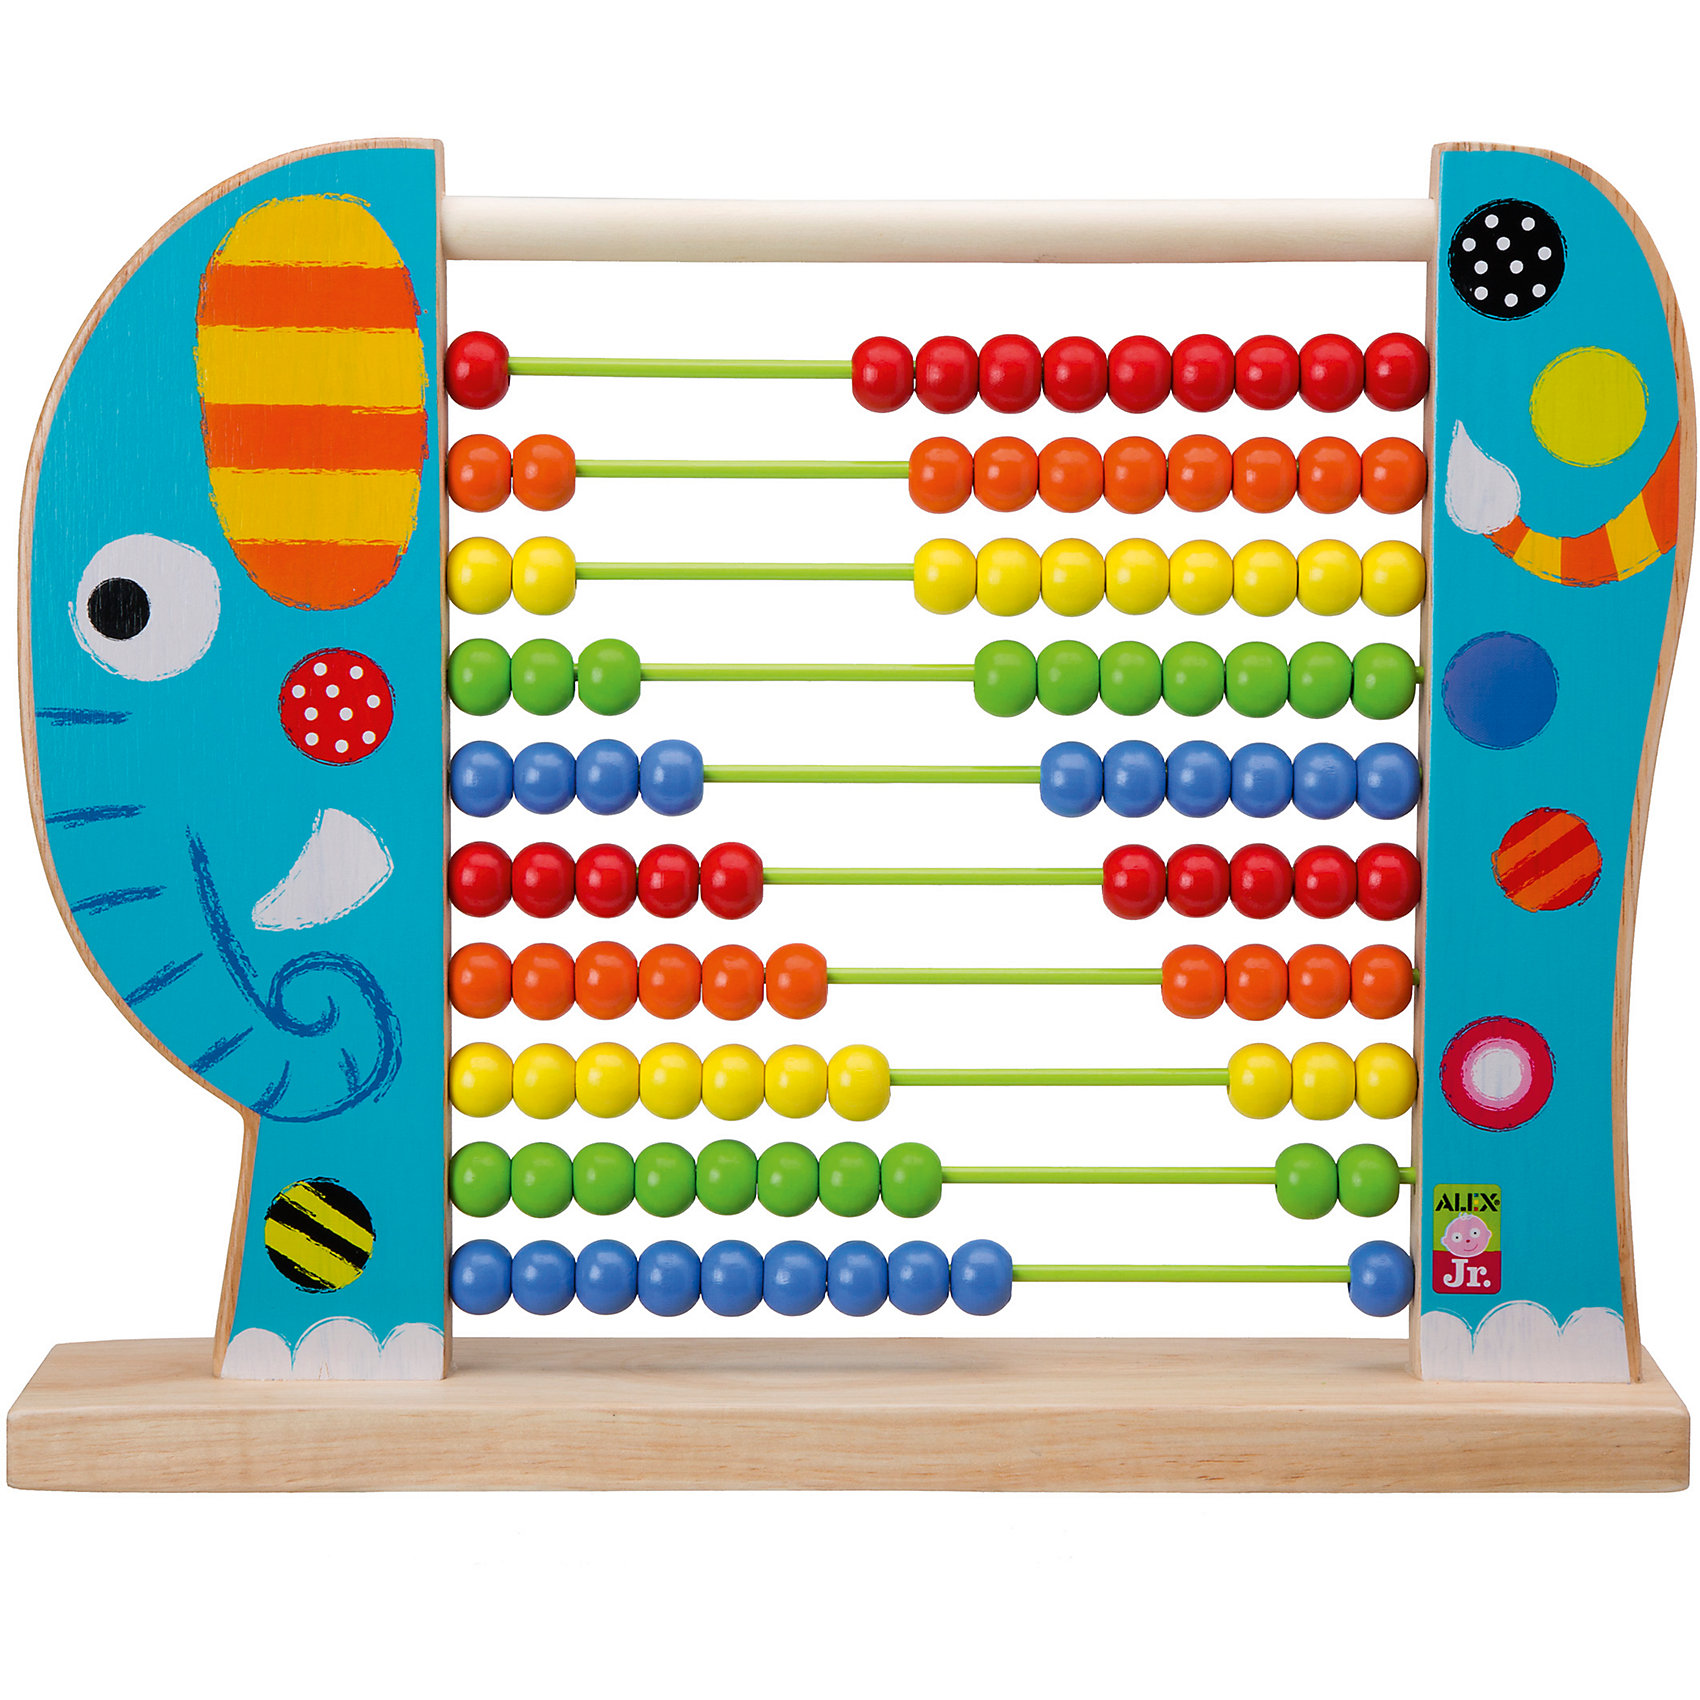 Игрушка Счеты Слоник, ALEXКрасочный деревянный слоник со счетами поможет ребенку быстрее освоить простейшие математические вычисления. Слон имеет 100 костяшек  пяти ярких цветов.<br>Развивает мелкую моторику, логическое мышление, обучает основам математики.<br><br>Дополнительная информация:<br><br>Размер игрушки: 35,5 х 30 см<br>Размер упаковки: 30 х 37 х 7 см. <br>Материал: дерево<br><br>Игрушку Счеты Слоник, ALEX (Алекс) можно купить в нашем магазине.<br><br>Ширина мм: 300<br>Глубина мм: 370<br>Высота мм: 70<br>Вес г: 1364<br>Возраст от месяцев: 24<br>Возраст до месяцев: 72<br>Пол: Унисекс<br>Возраст: Детский<br>SKU: 4149437